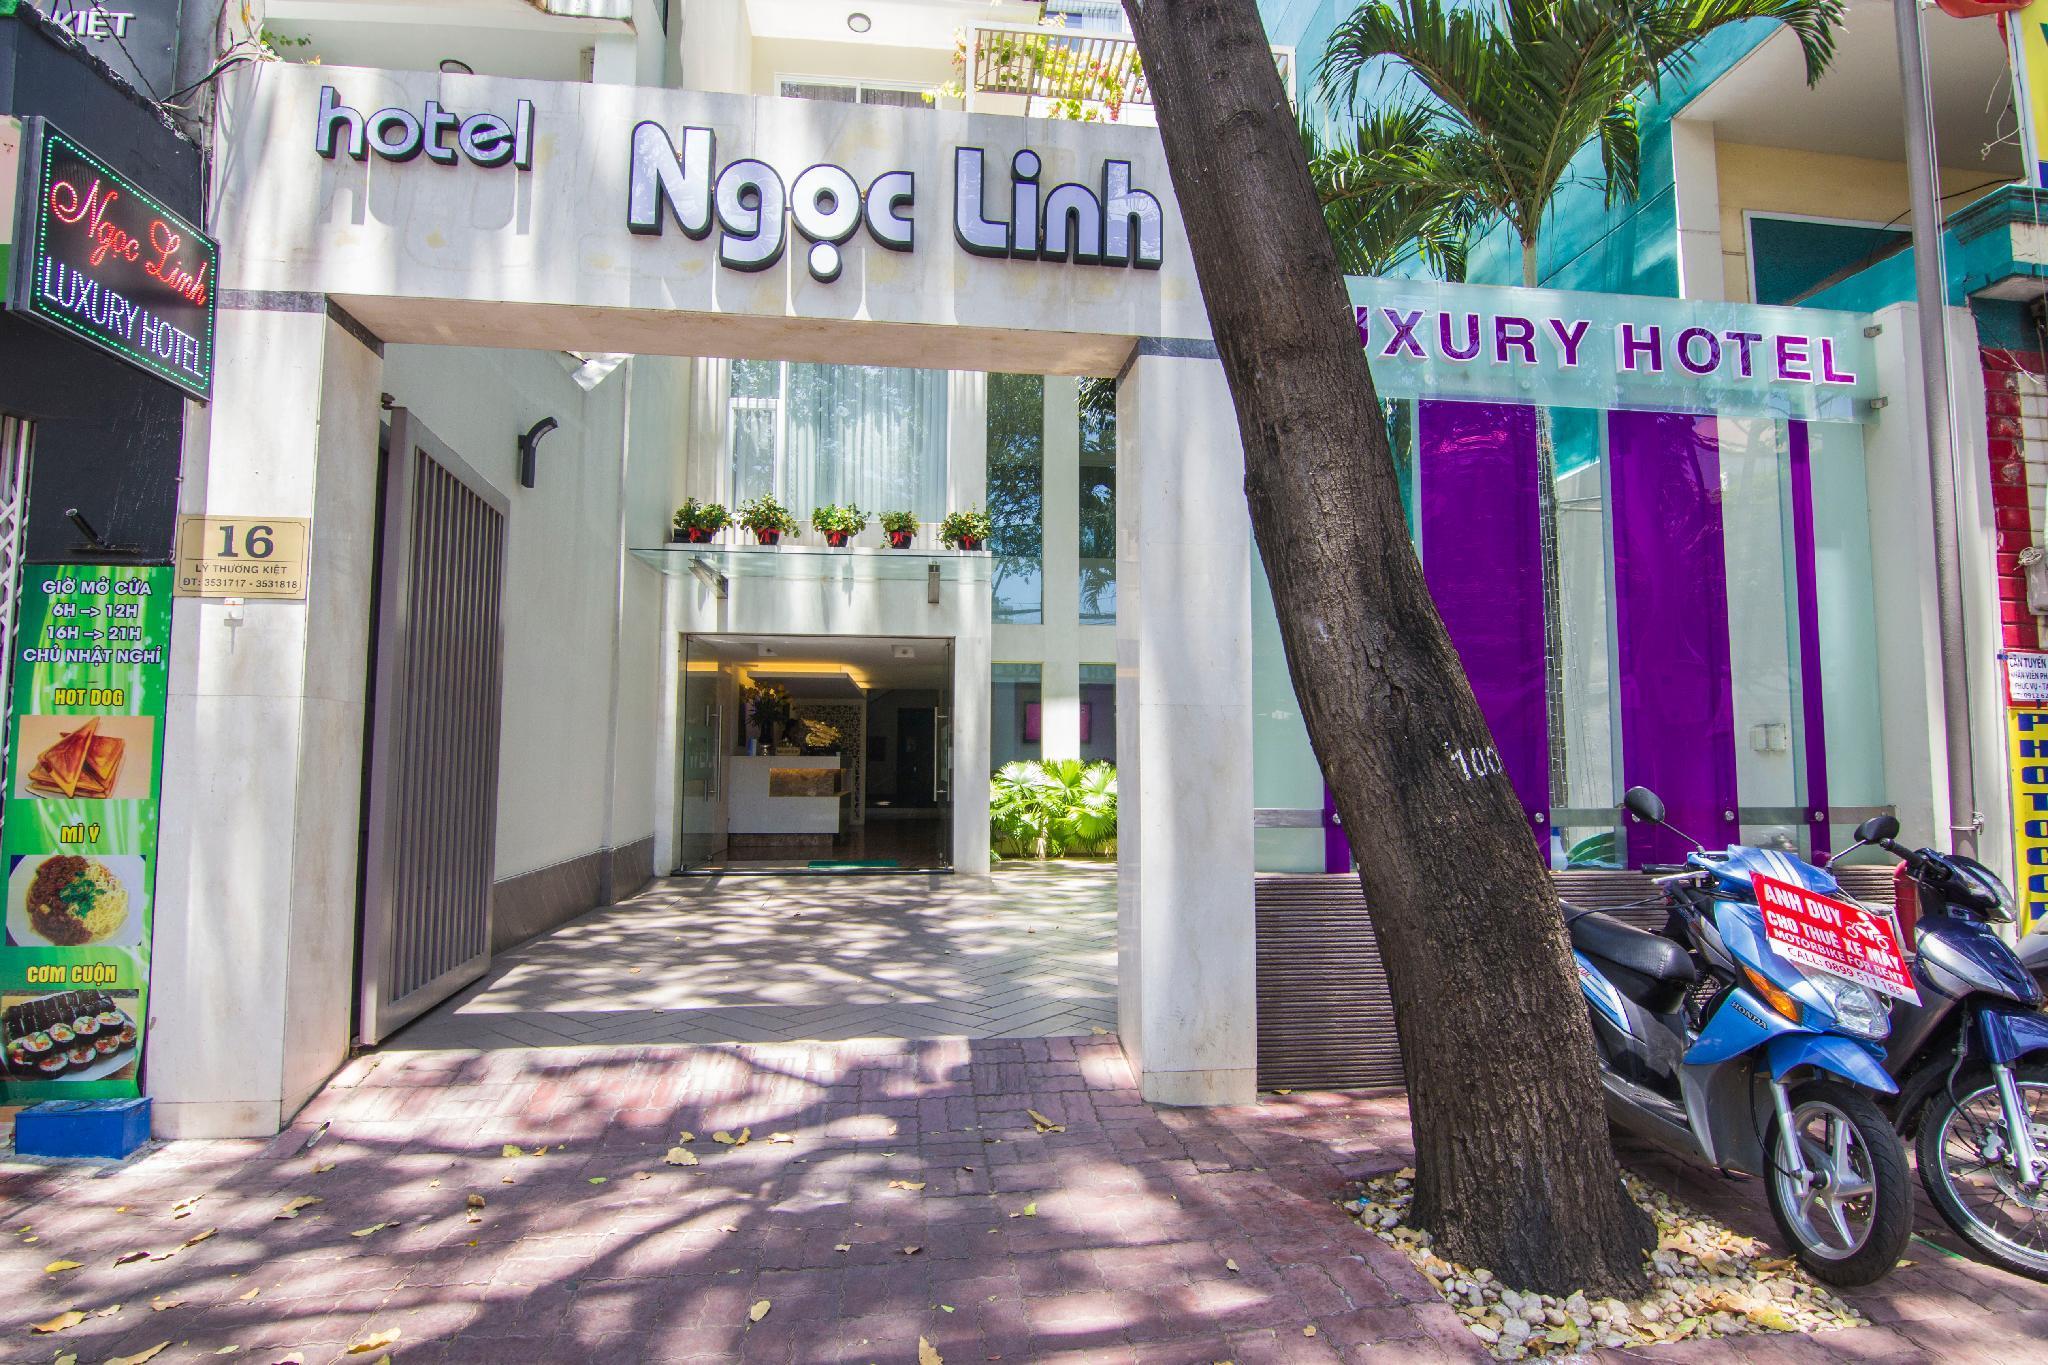 Ngoc Linh Luxury Hotel